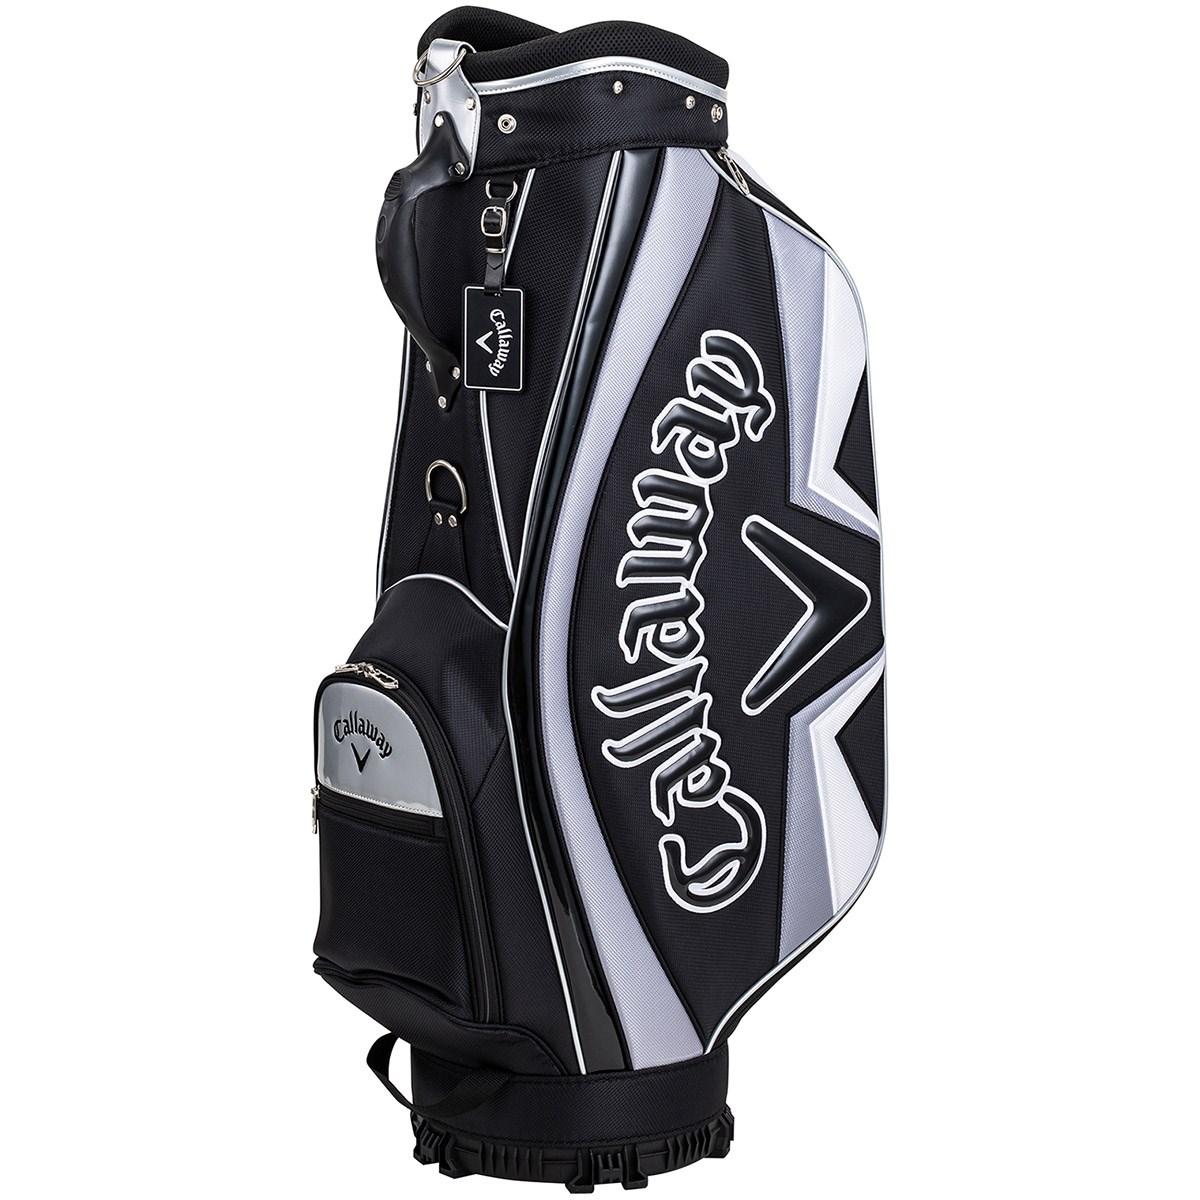 キャロウェイゴルフ Callaway Golf SPORT キャディバッグ ブラック